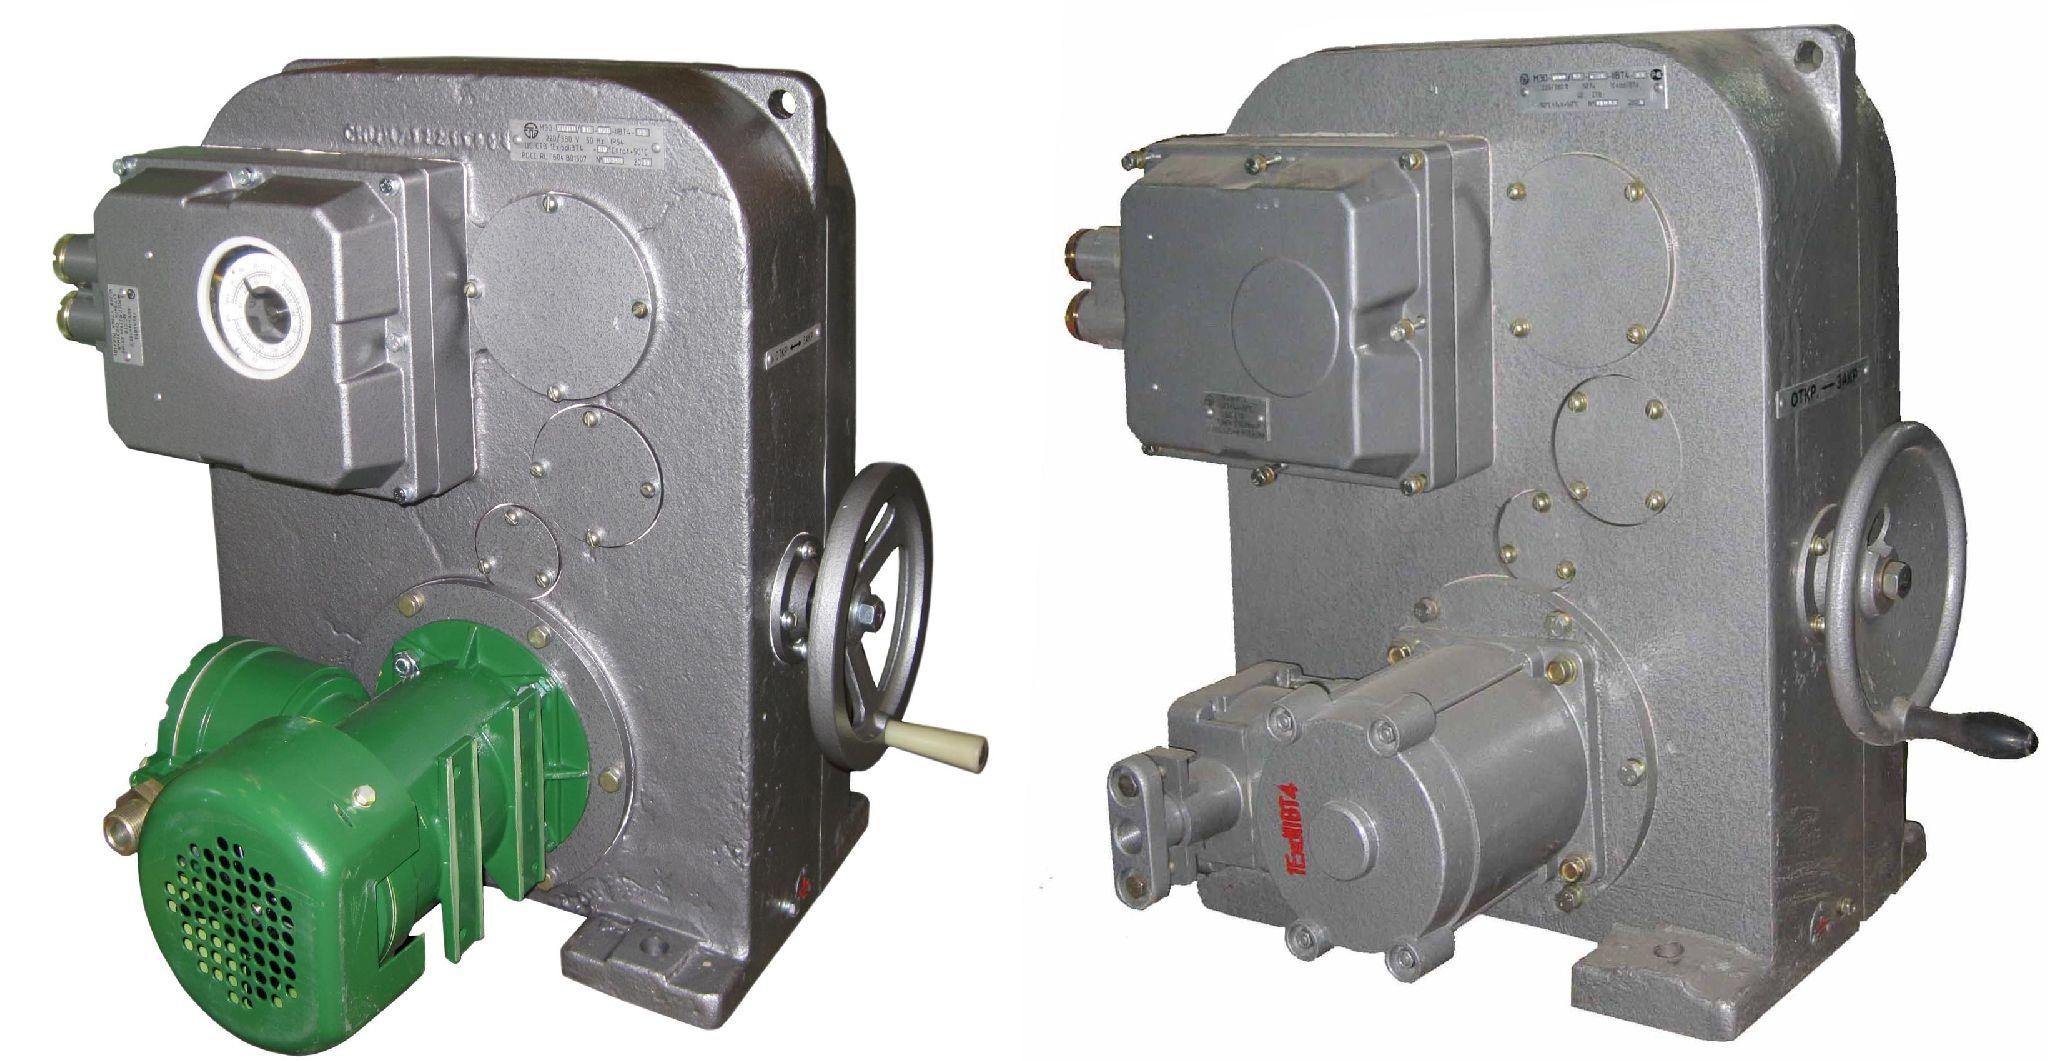 Схема управления асинхронным двигателем с короткозамкнутым ротором